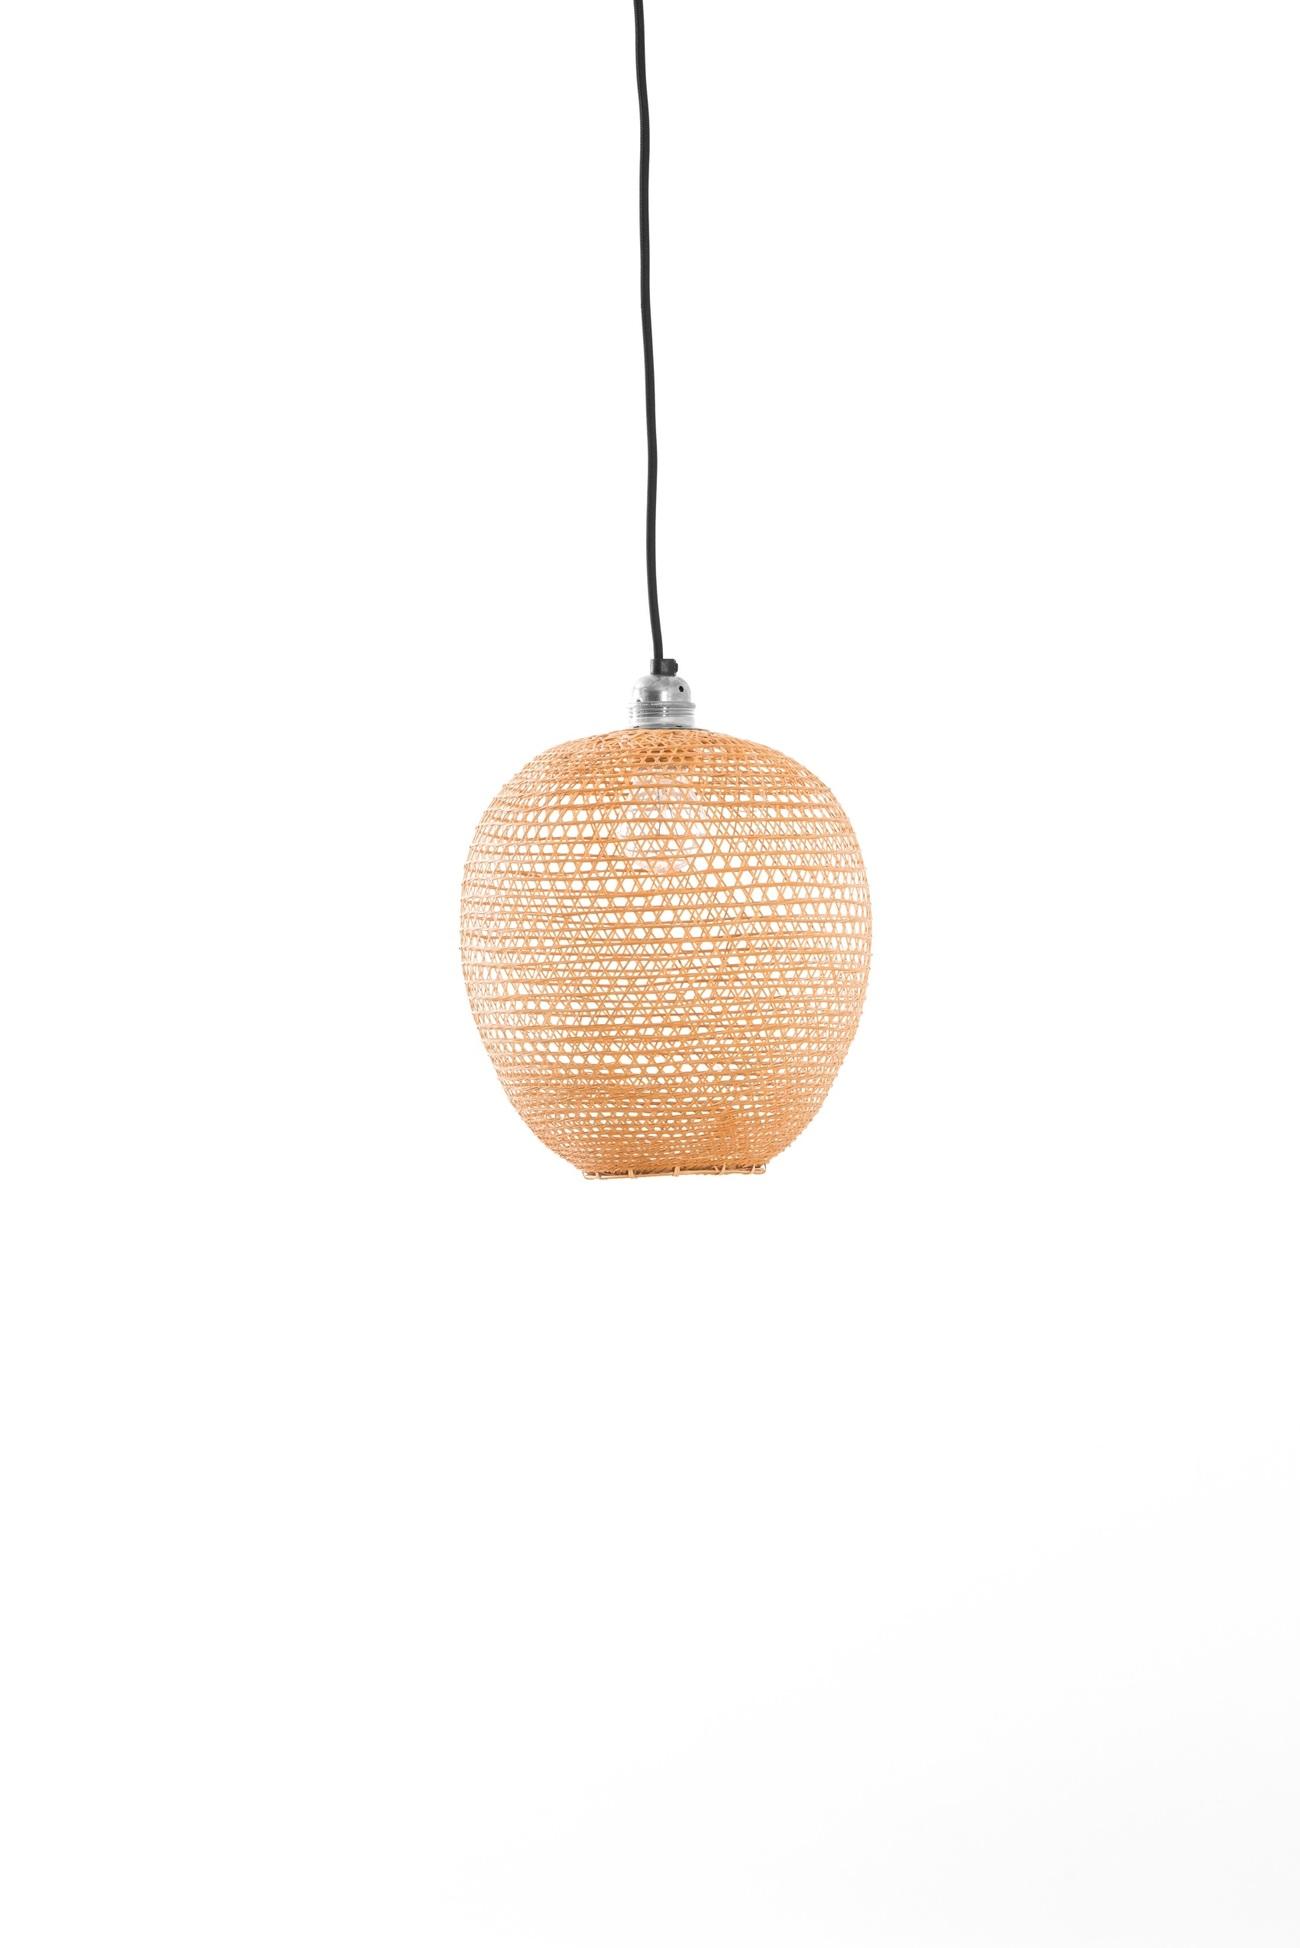 Ay illuminate Poy hanglamp